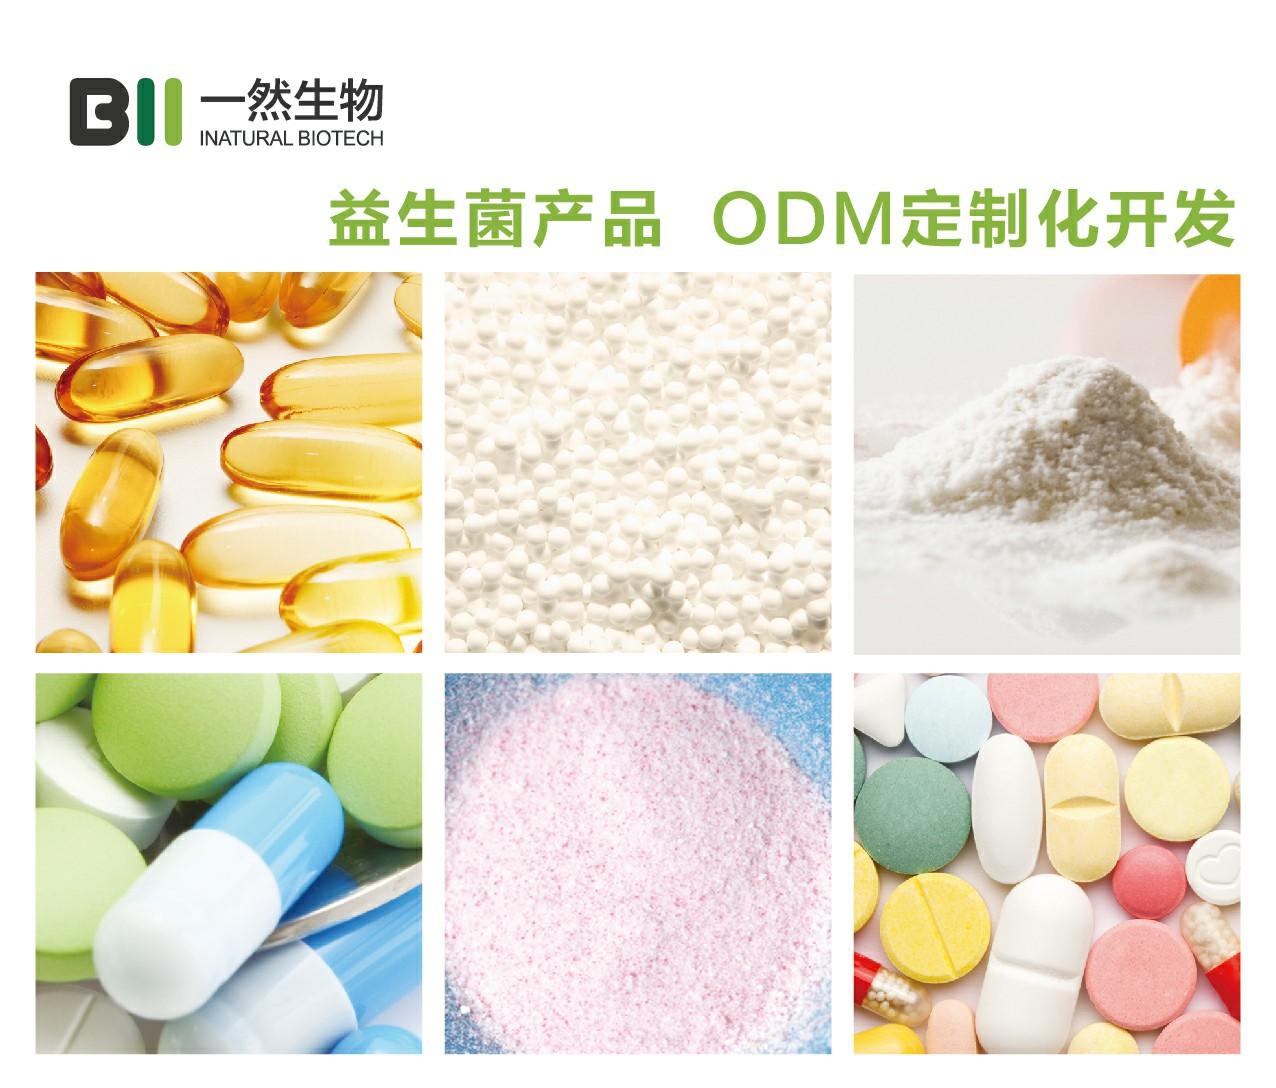 益生菌ODM/OEM——提供从益生菌种子到健康产品的一站式服